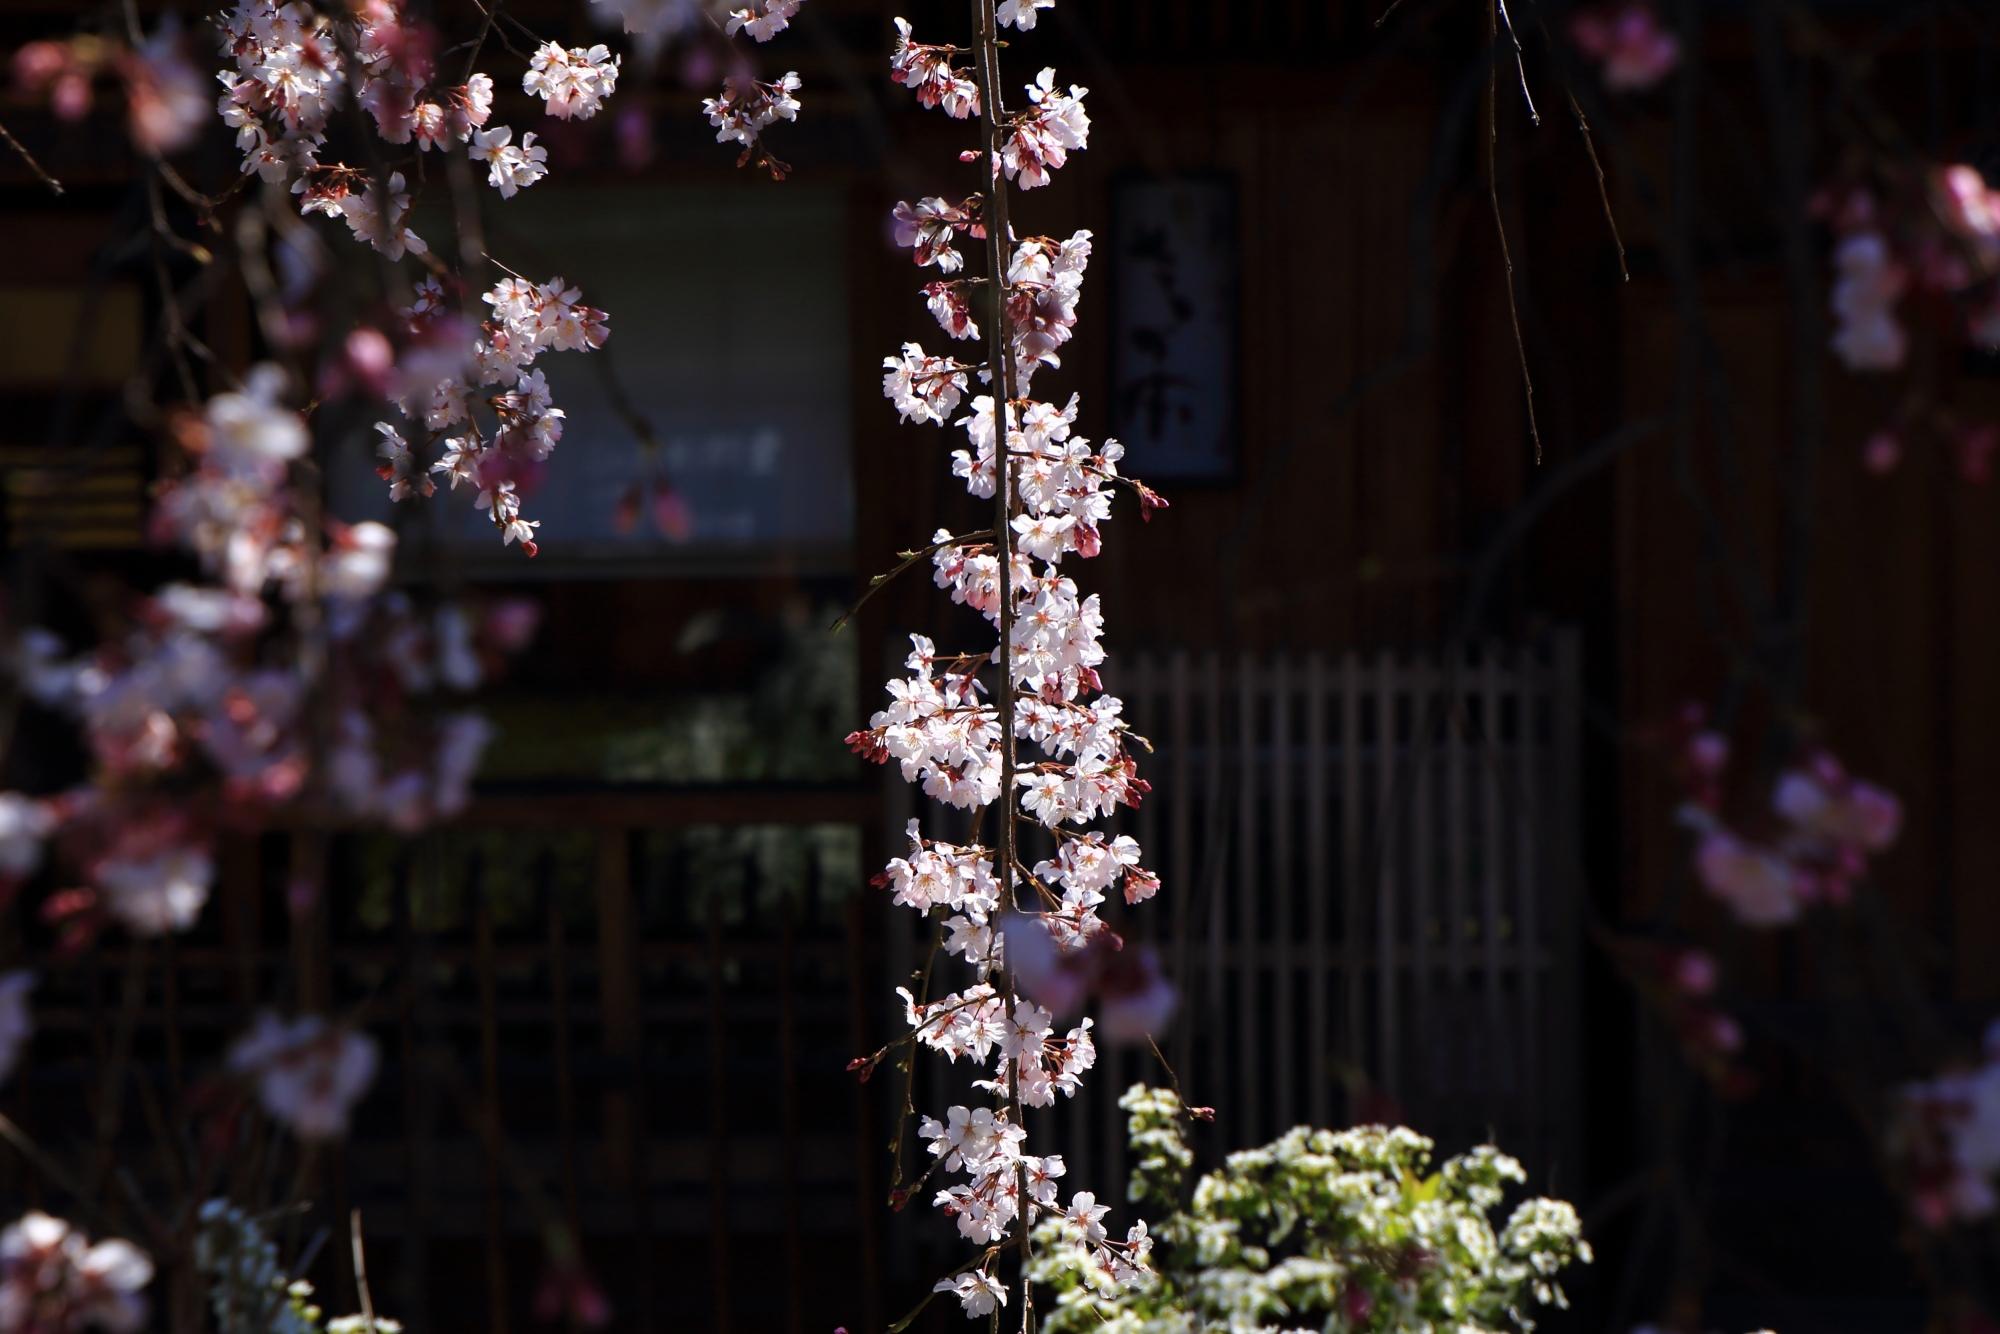 太陽を浴びて煌びやかに輝く桜の花